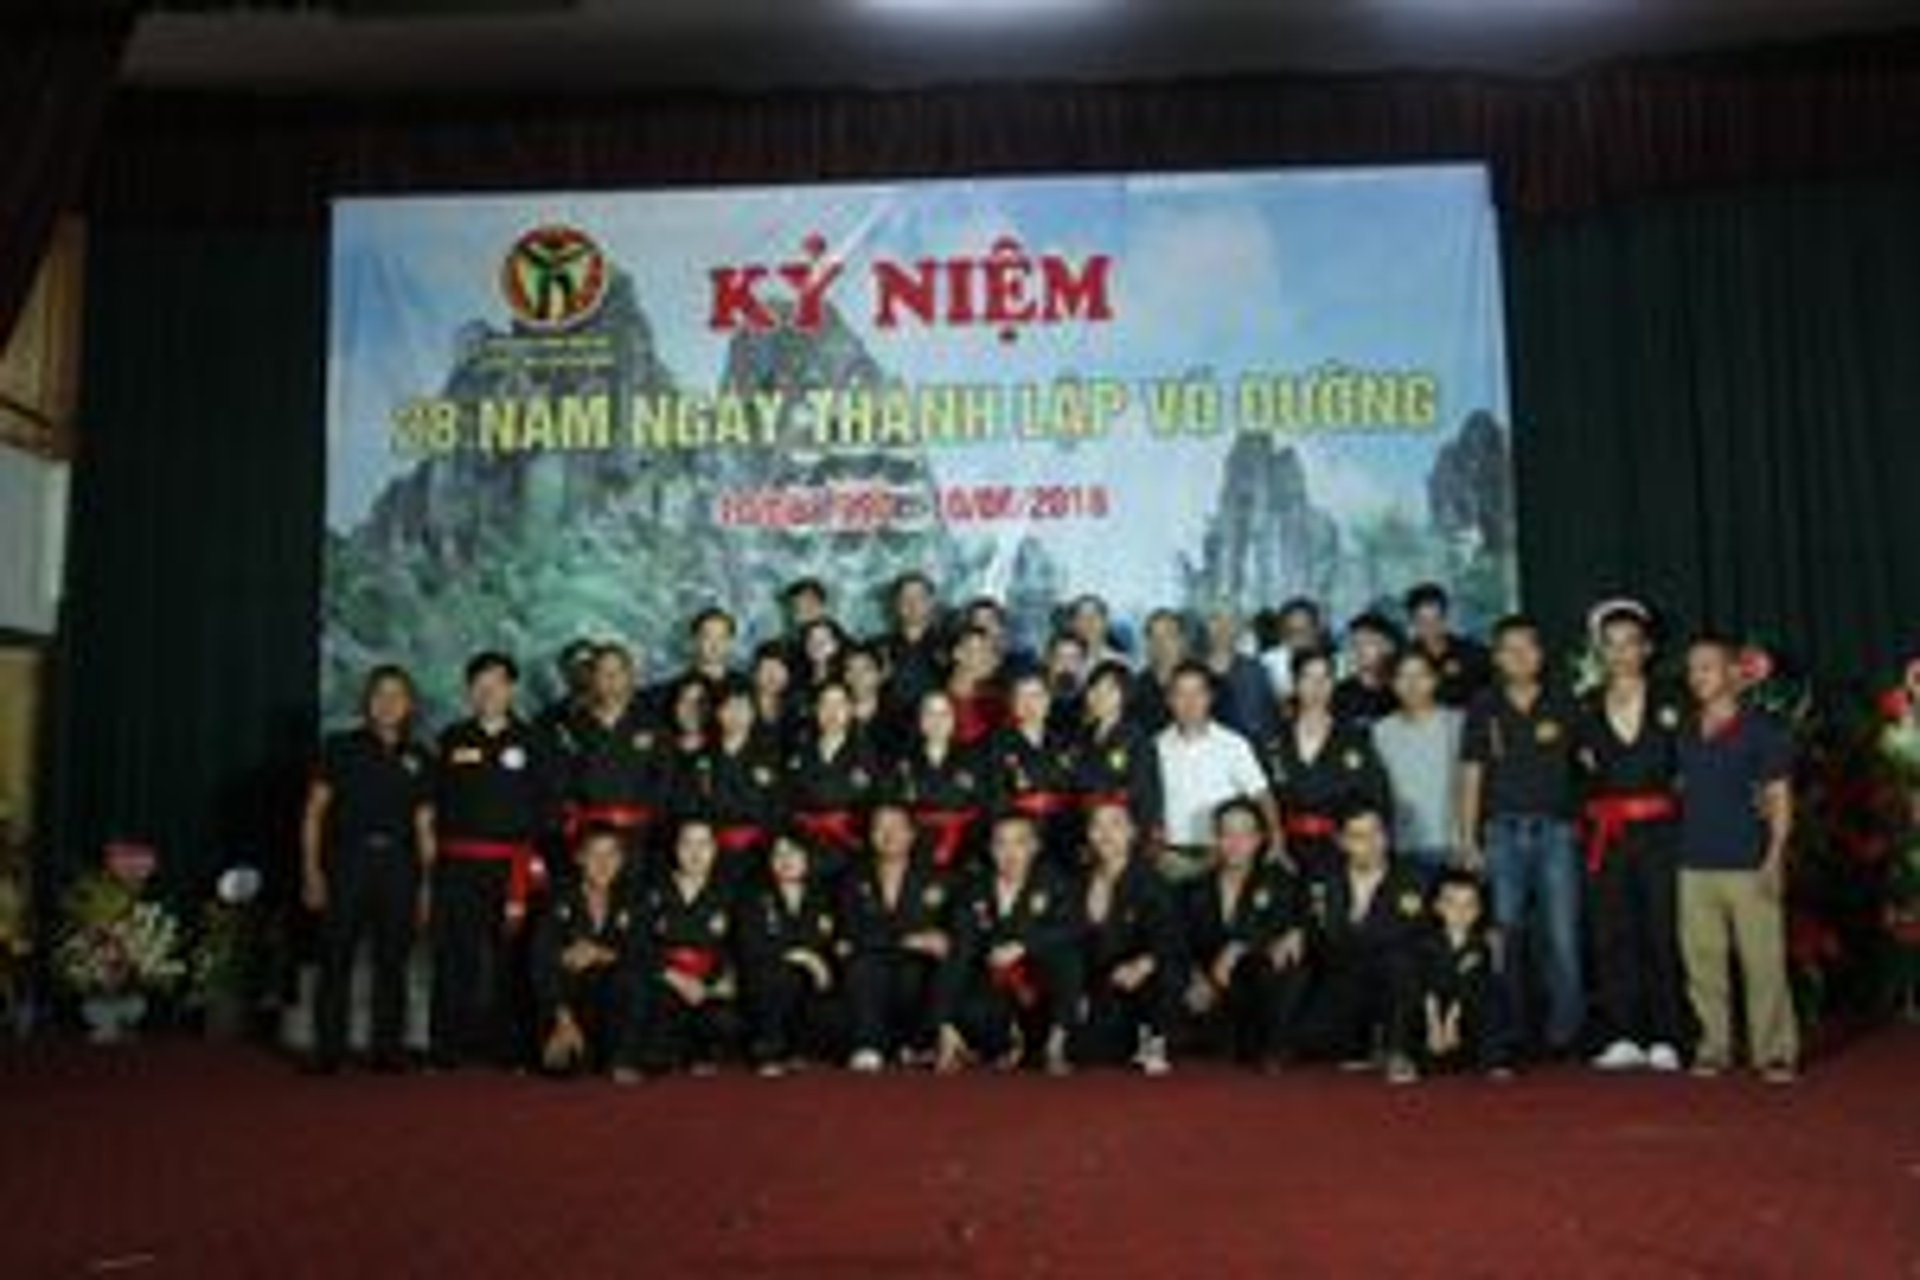 Ca sĩ Huy Cường, Nam Khang tới... võ đường